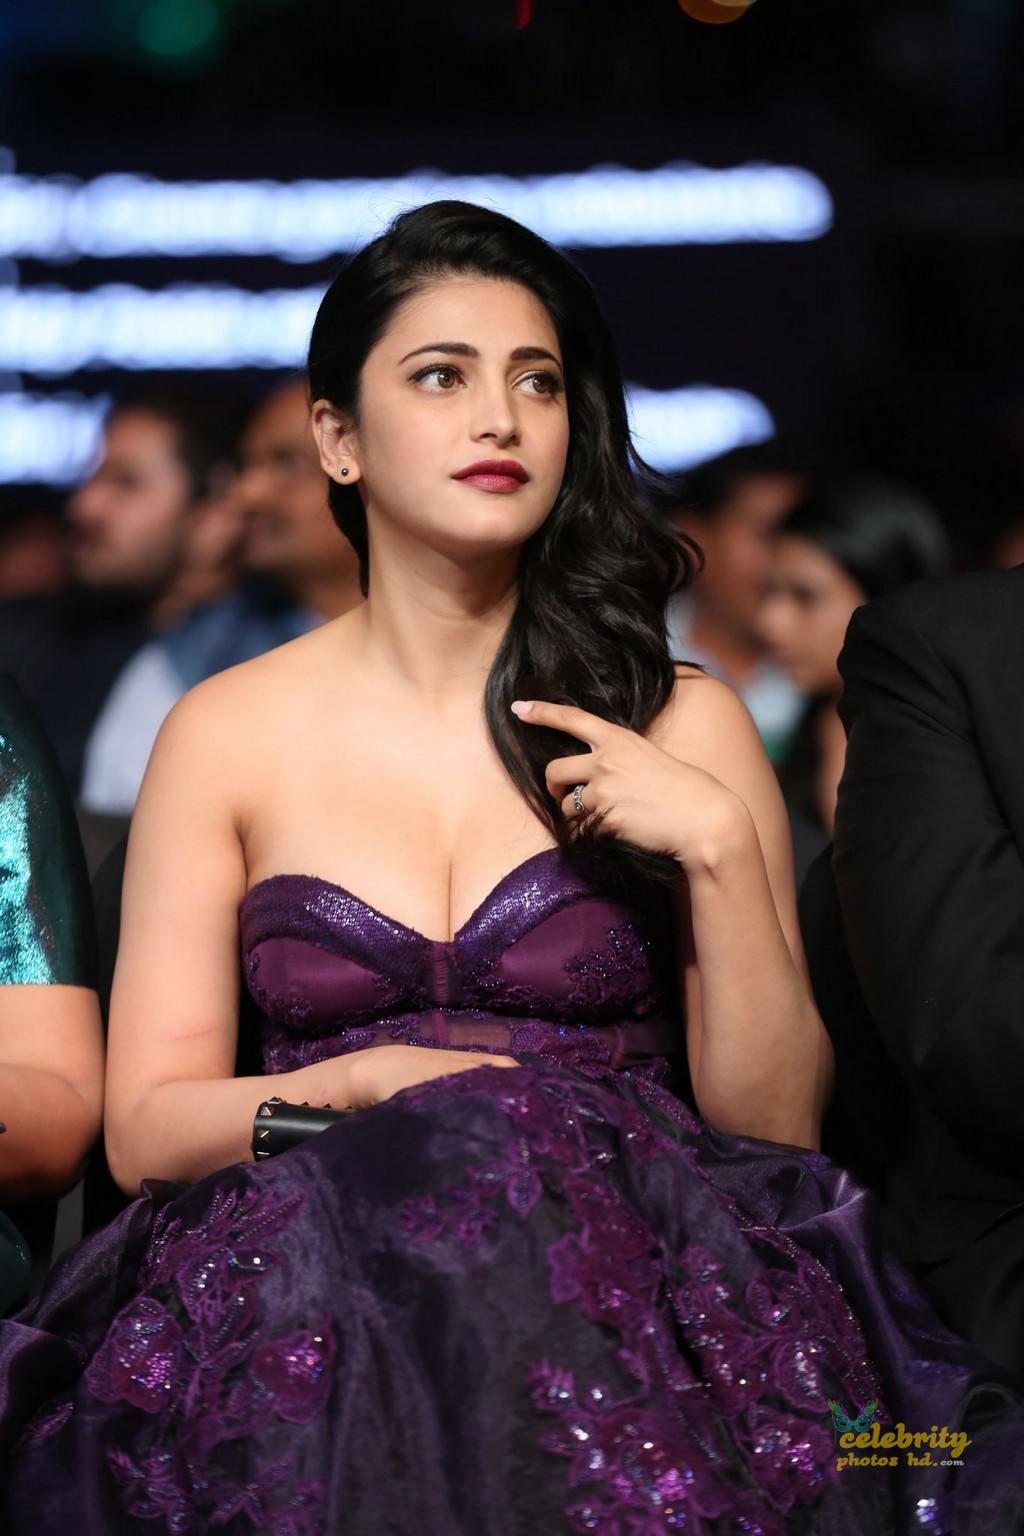 Indian Spicy Hot Actress Shruti Haasan New Photo's (1)